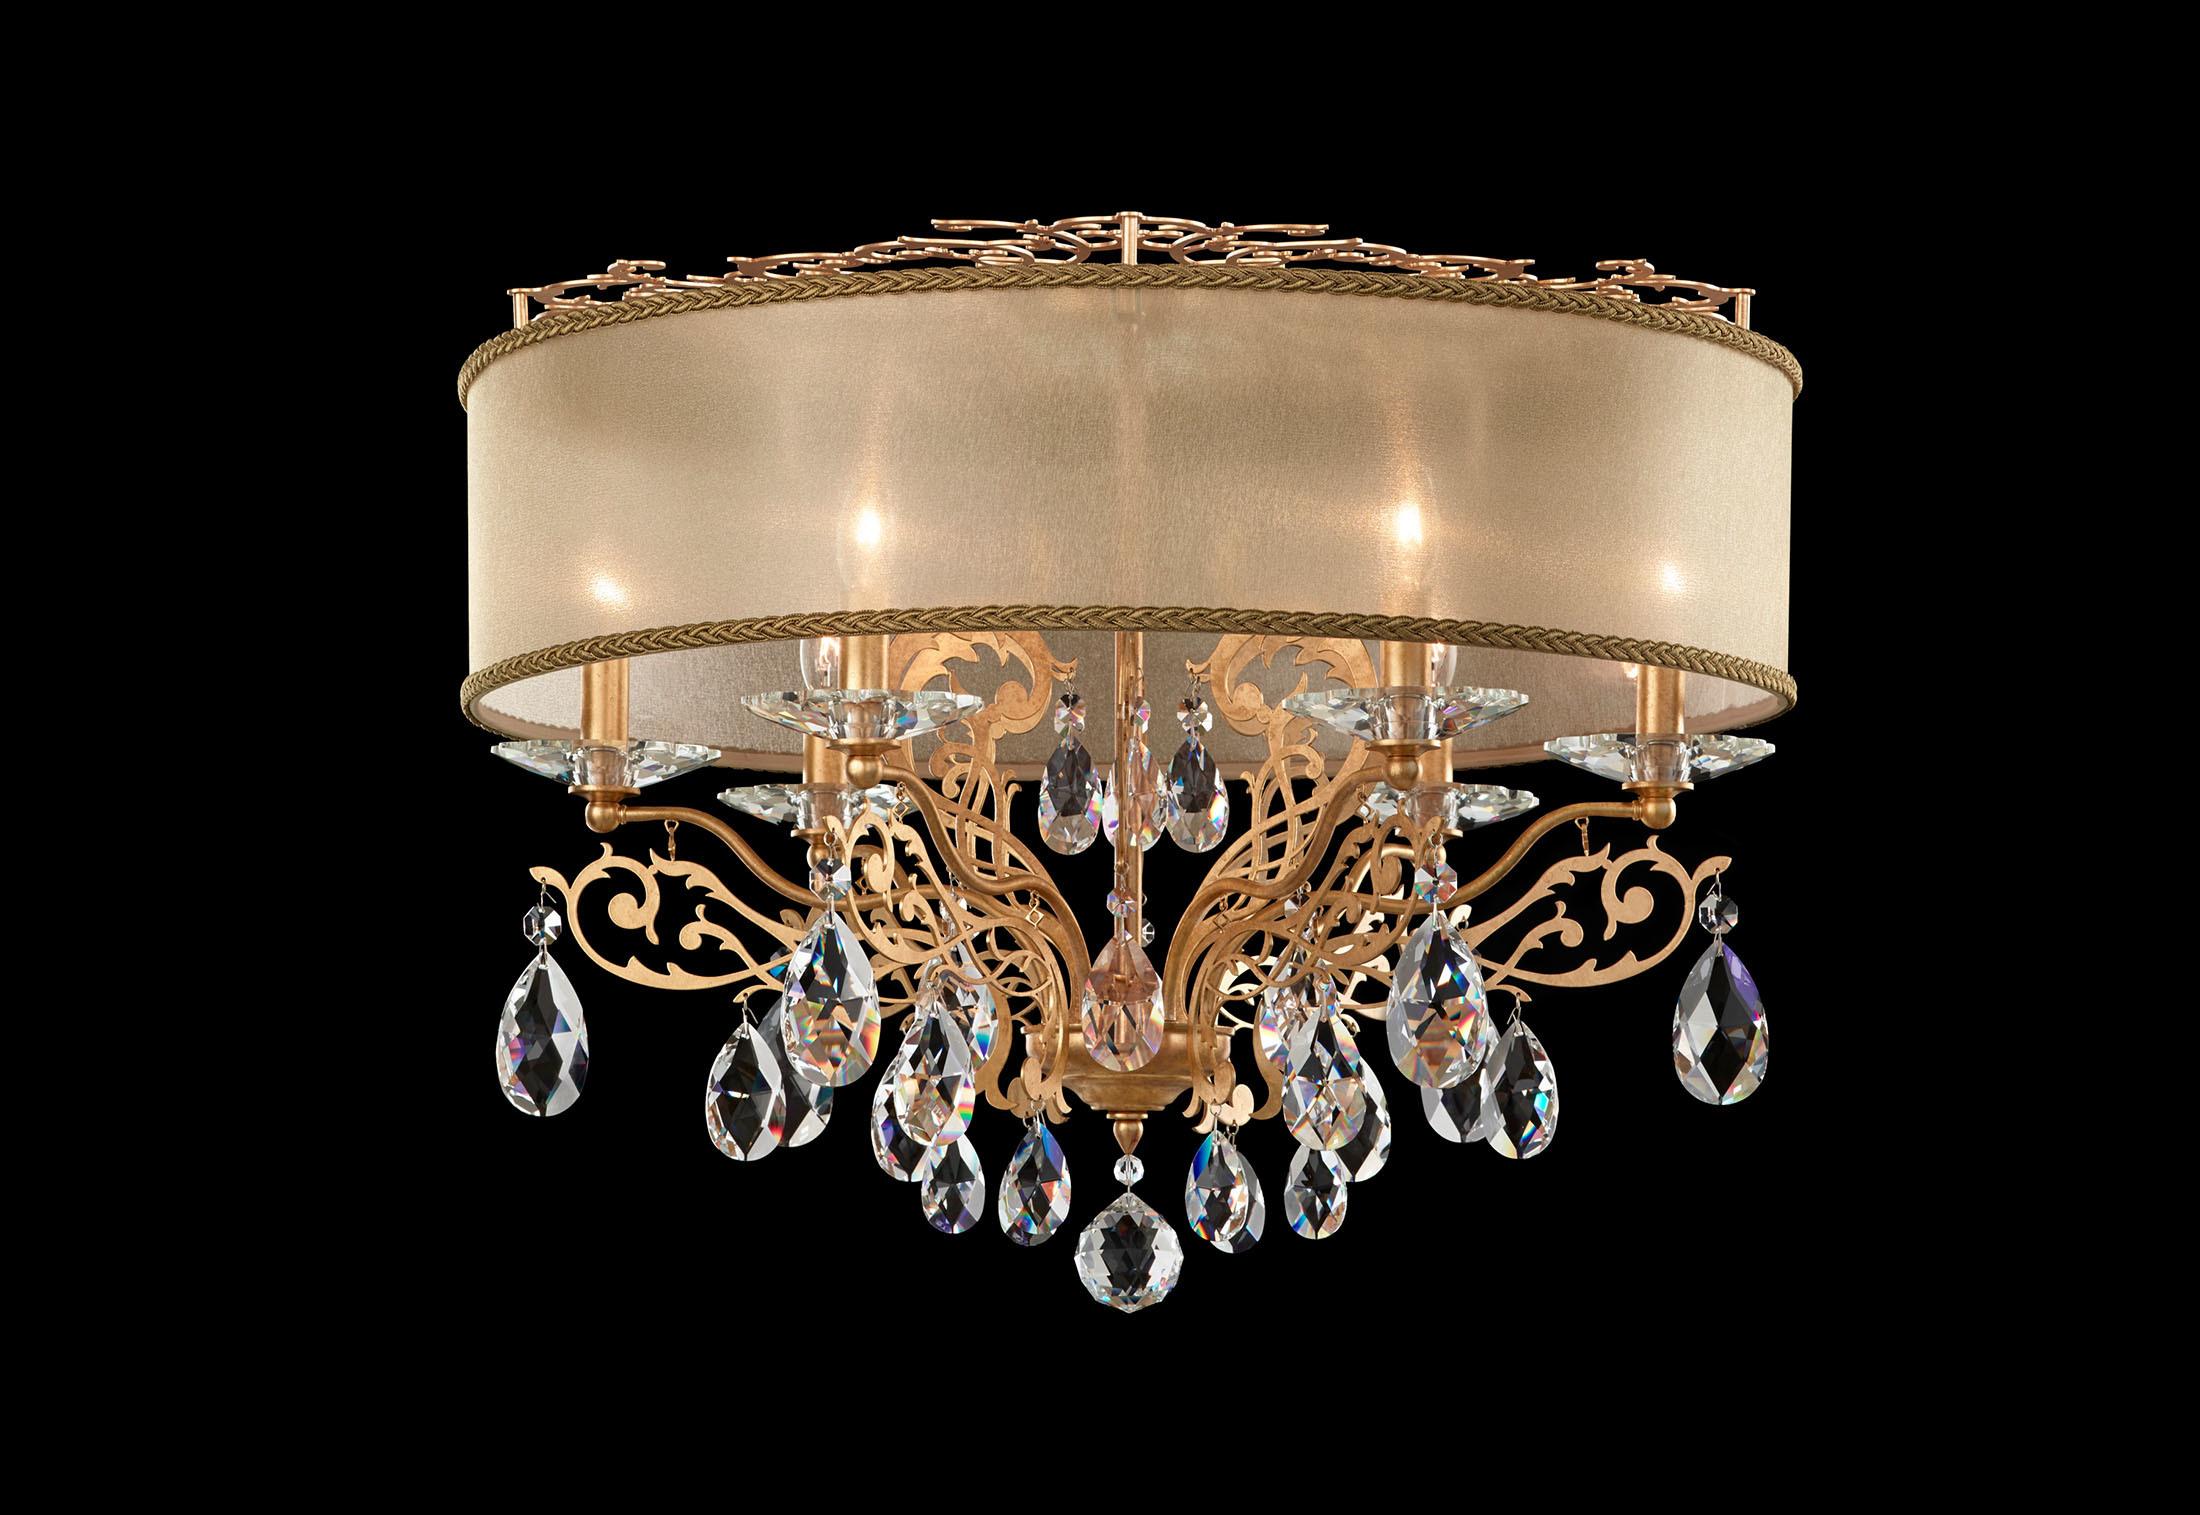 Kronleuchter Mit Lampenschirm ~ Filigrae kronleuchter lampenschirm von swarovski lighting stylepark